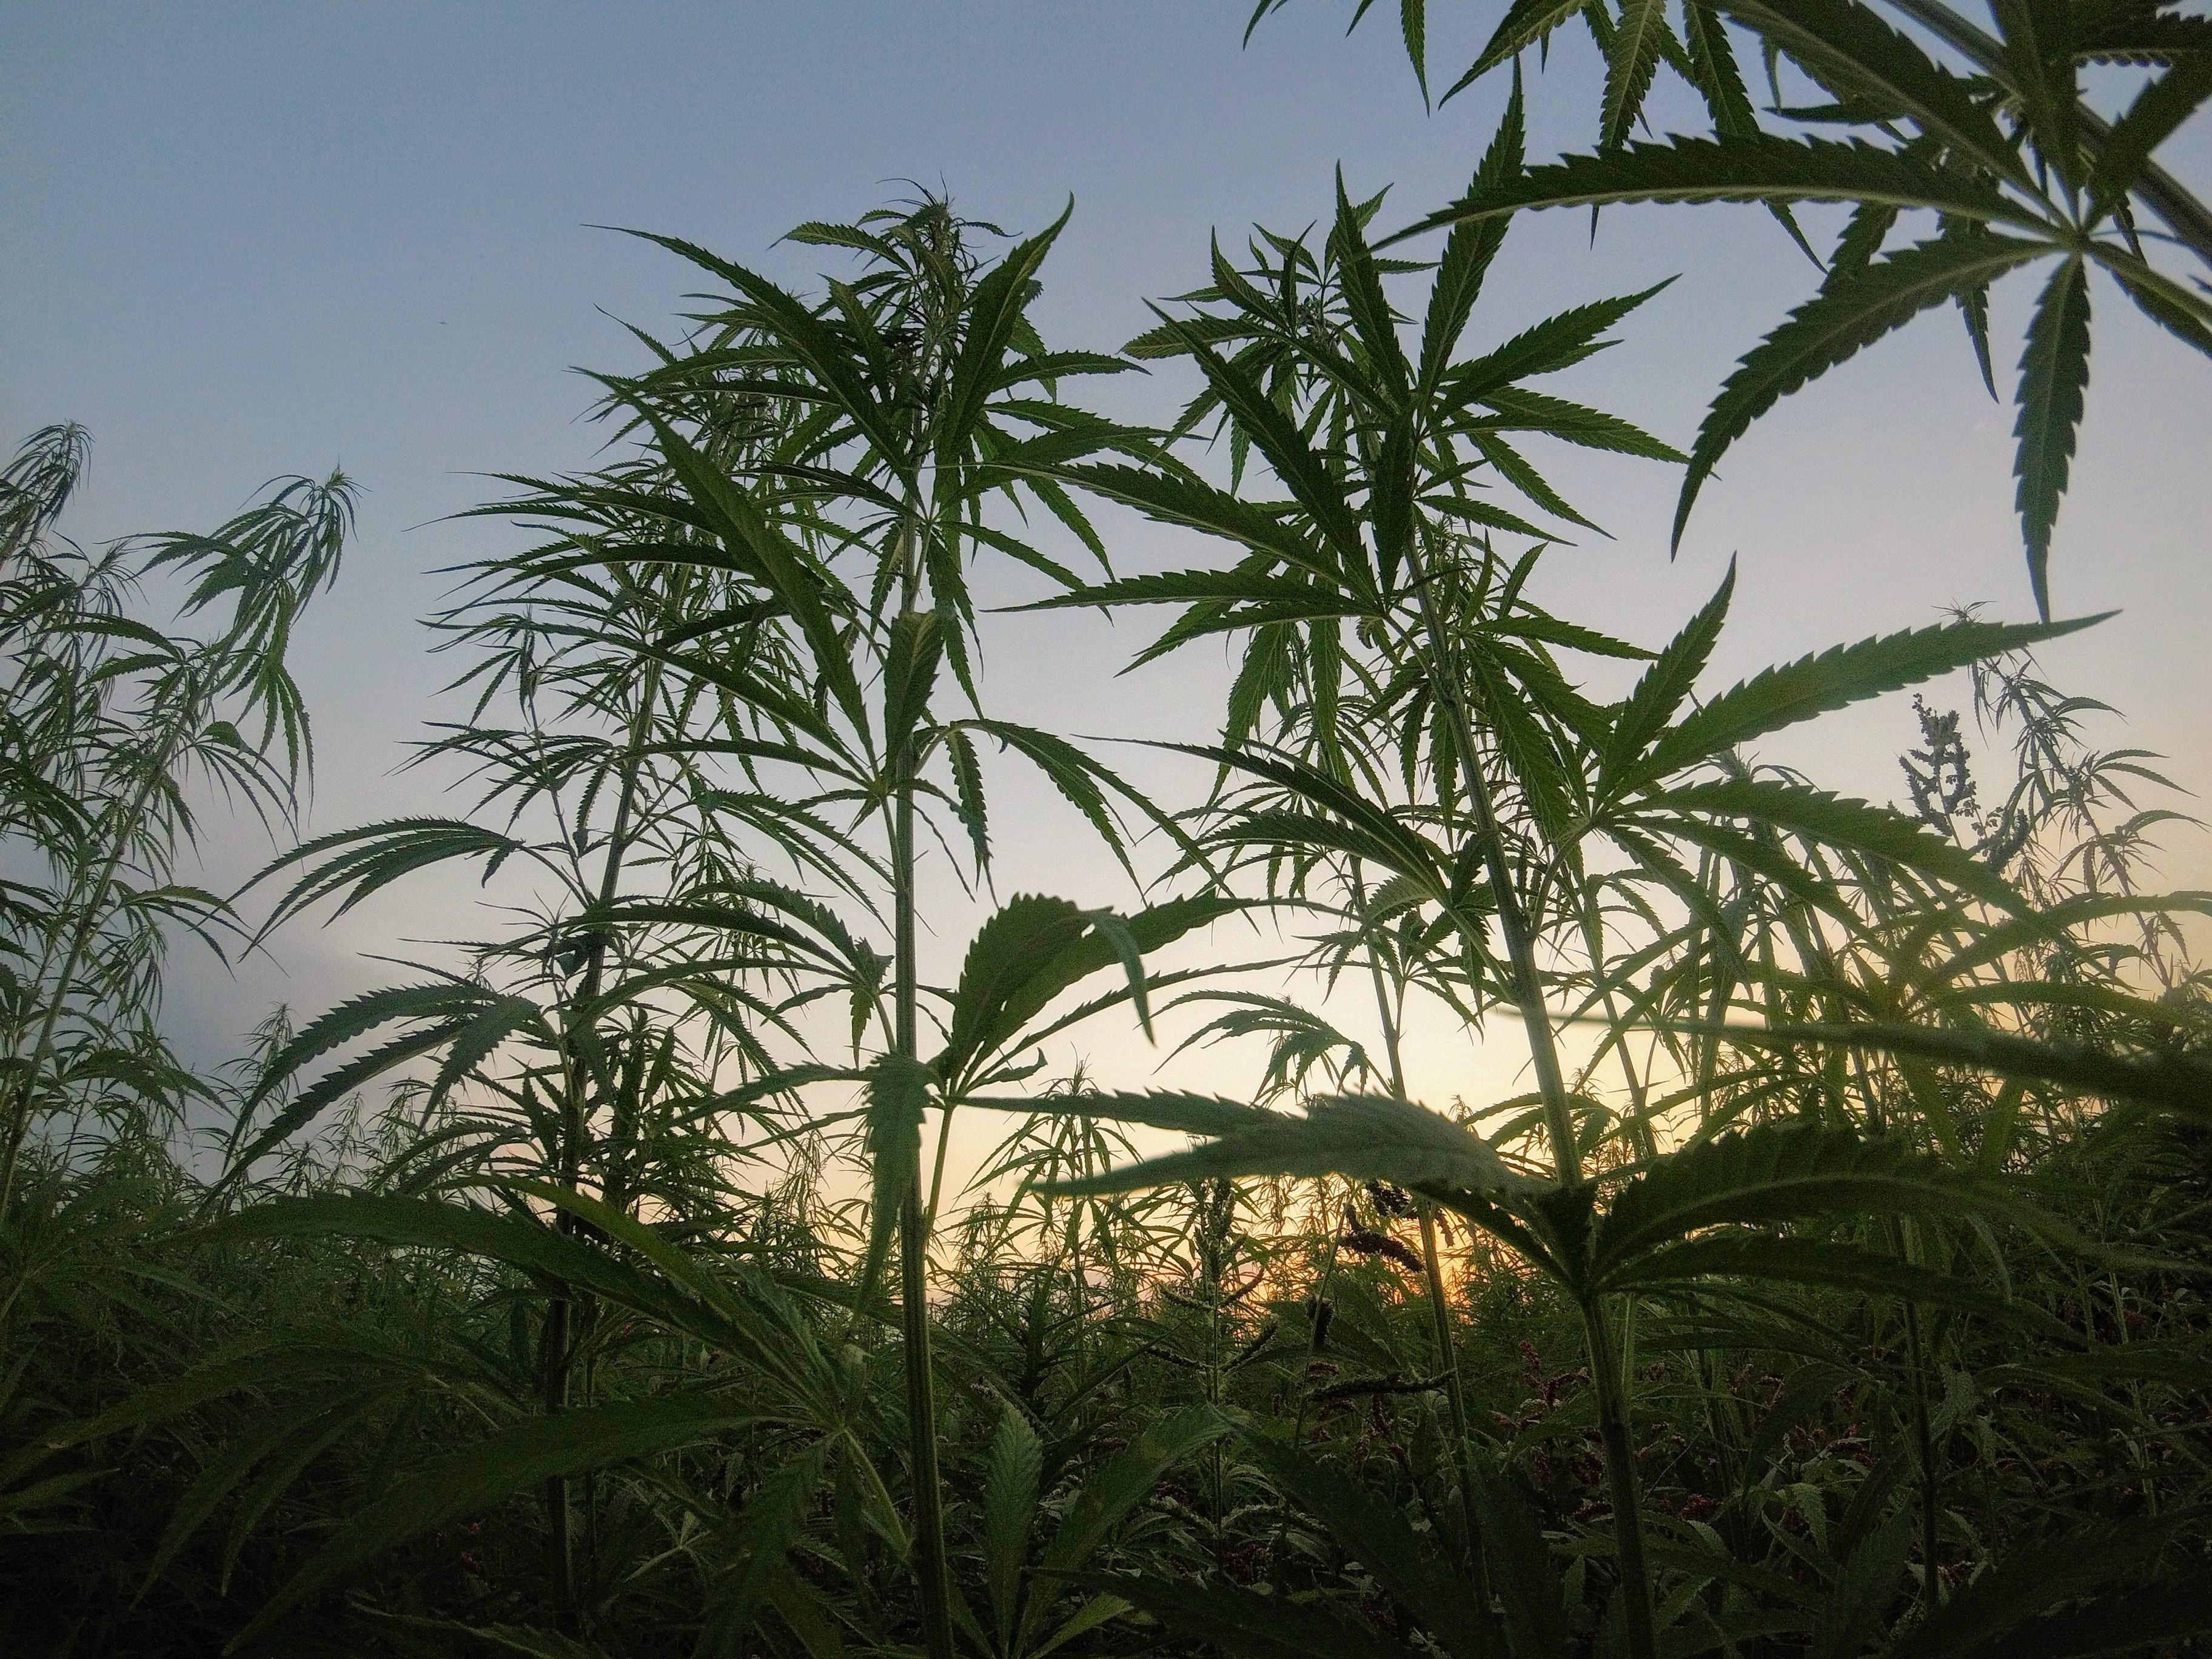 Marijuana – It's Legal!